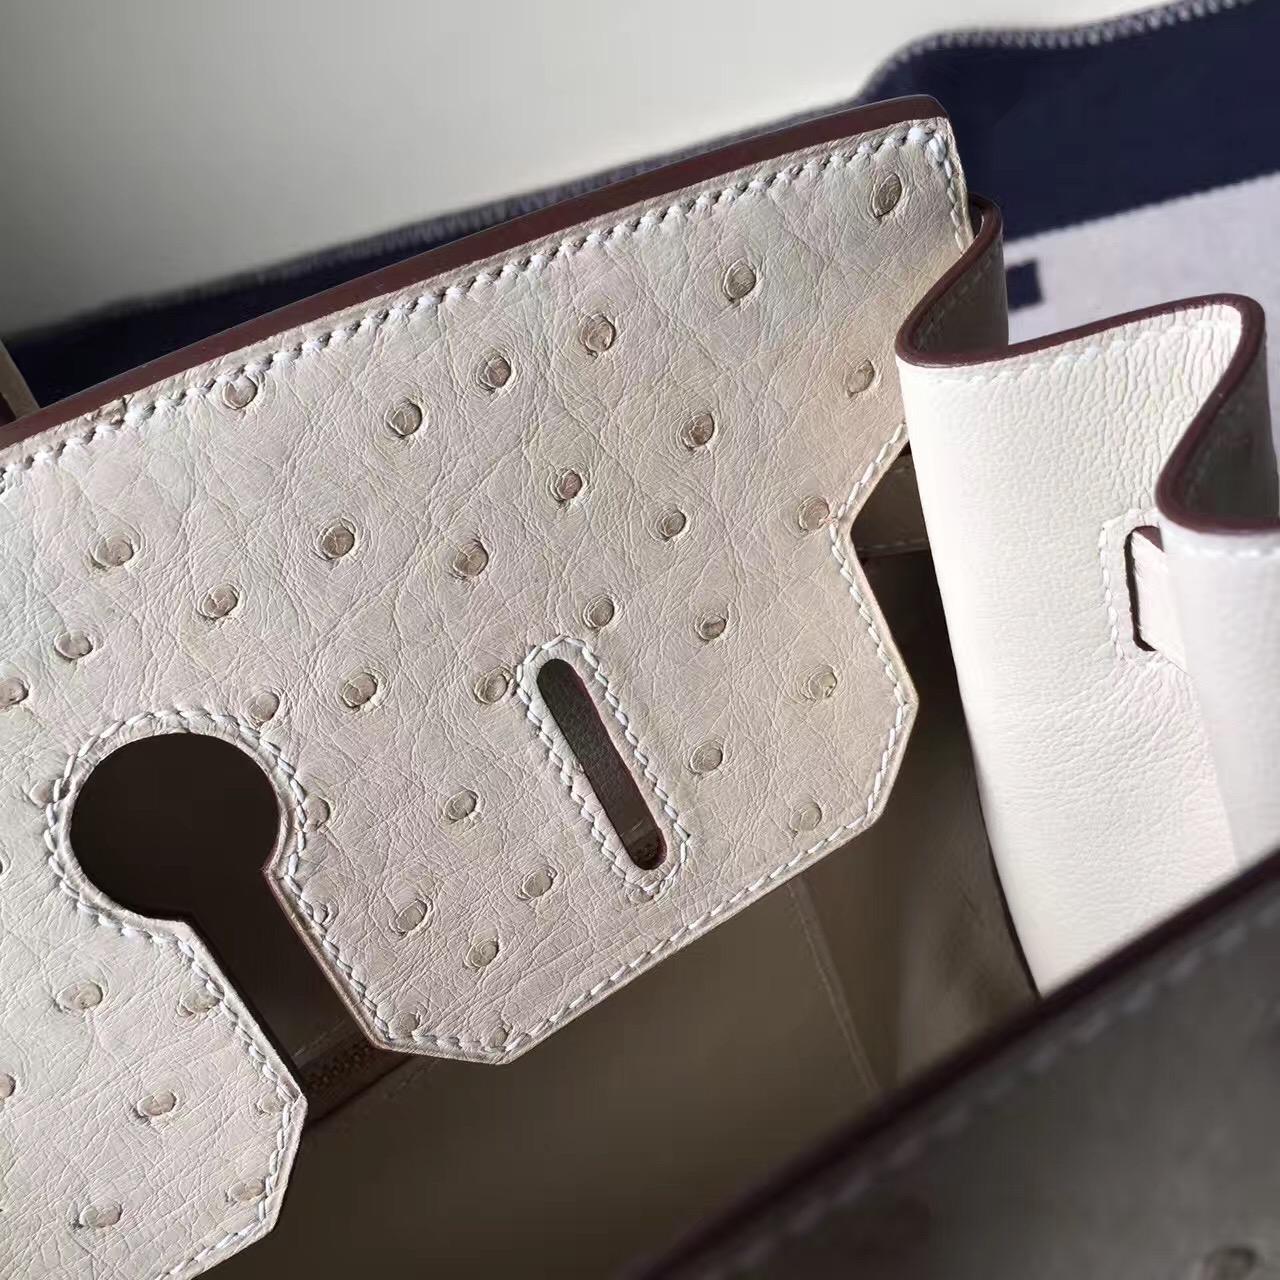 Hand Stitching Hermes 3C Wool White Ostrich Leather Birkin Bag35cm